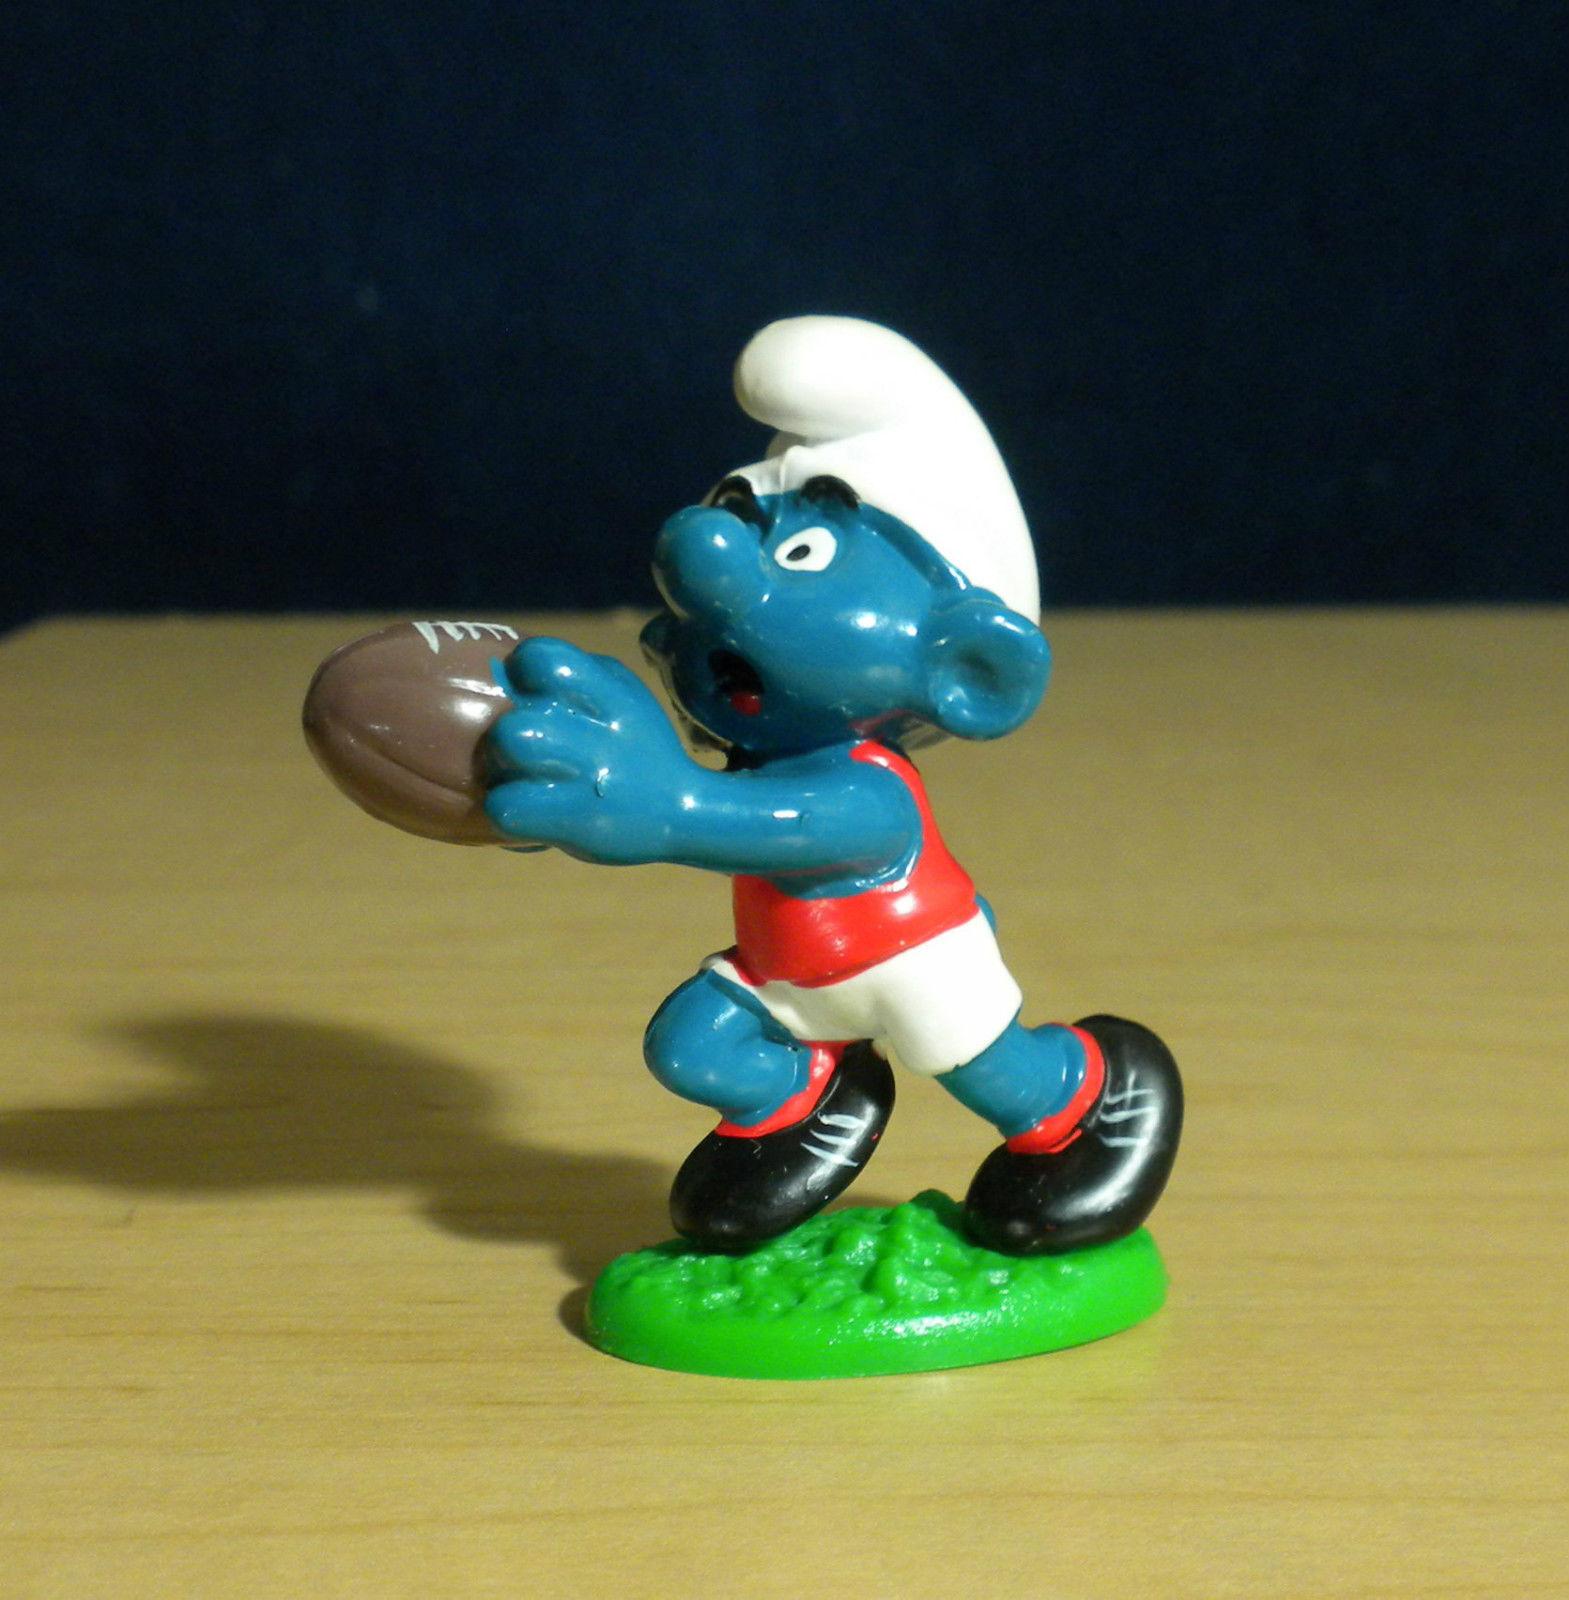 Smurfs 20150 Australian Football Smurf Vintage Figure PVC Toy 1980 Peyo Schlumpf